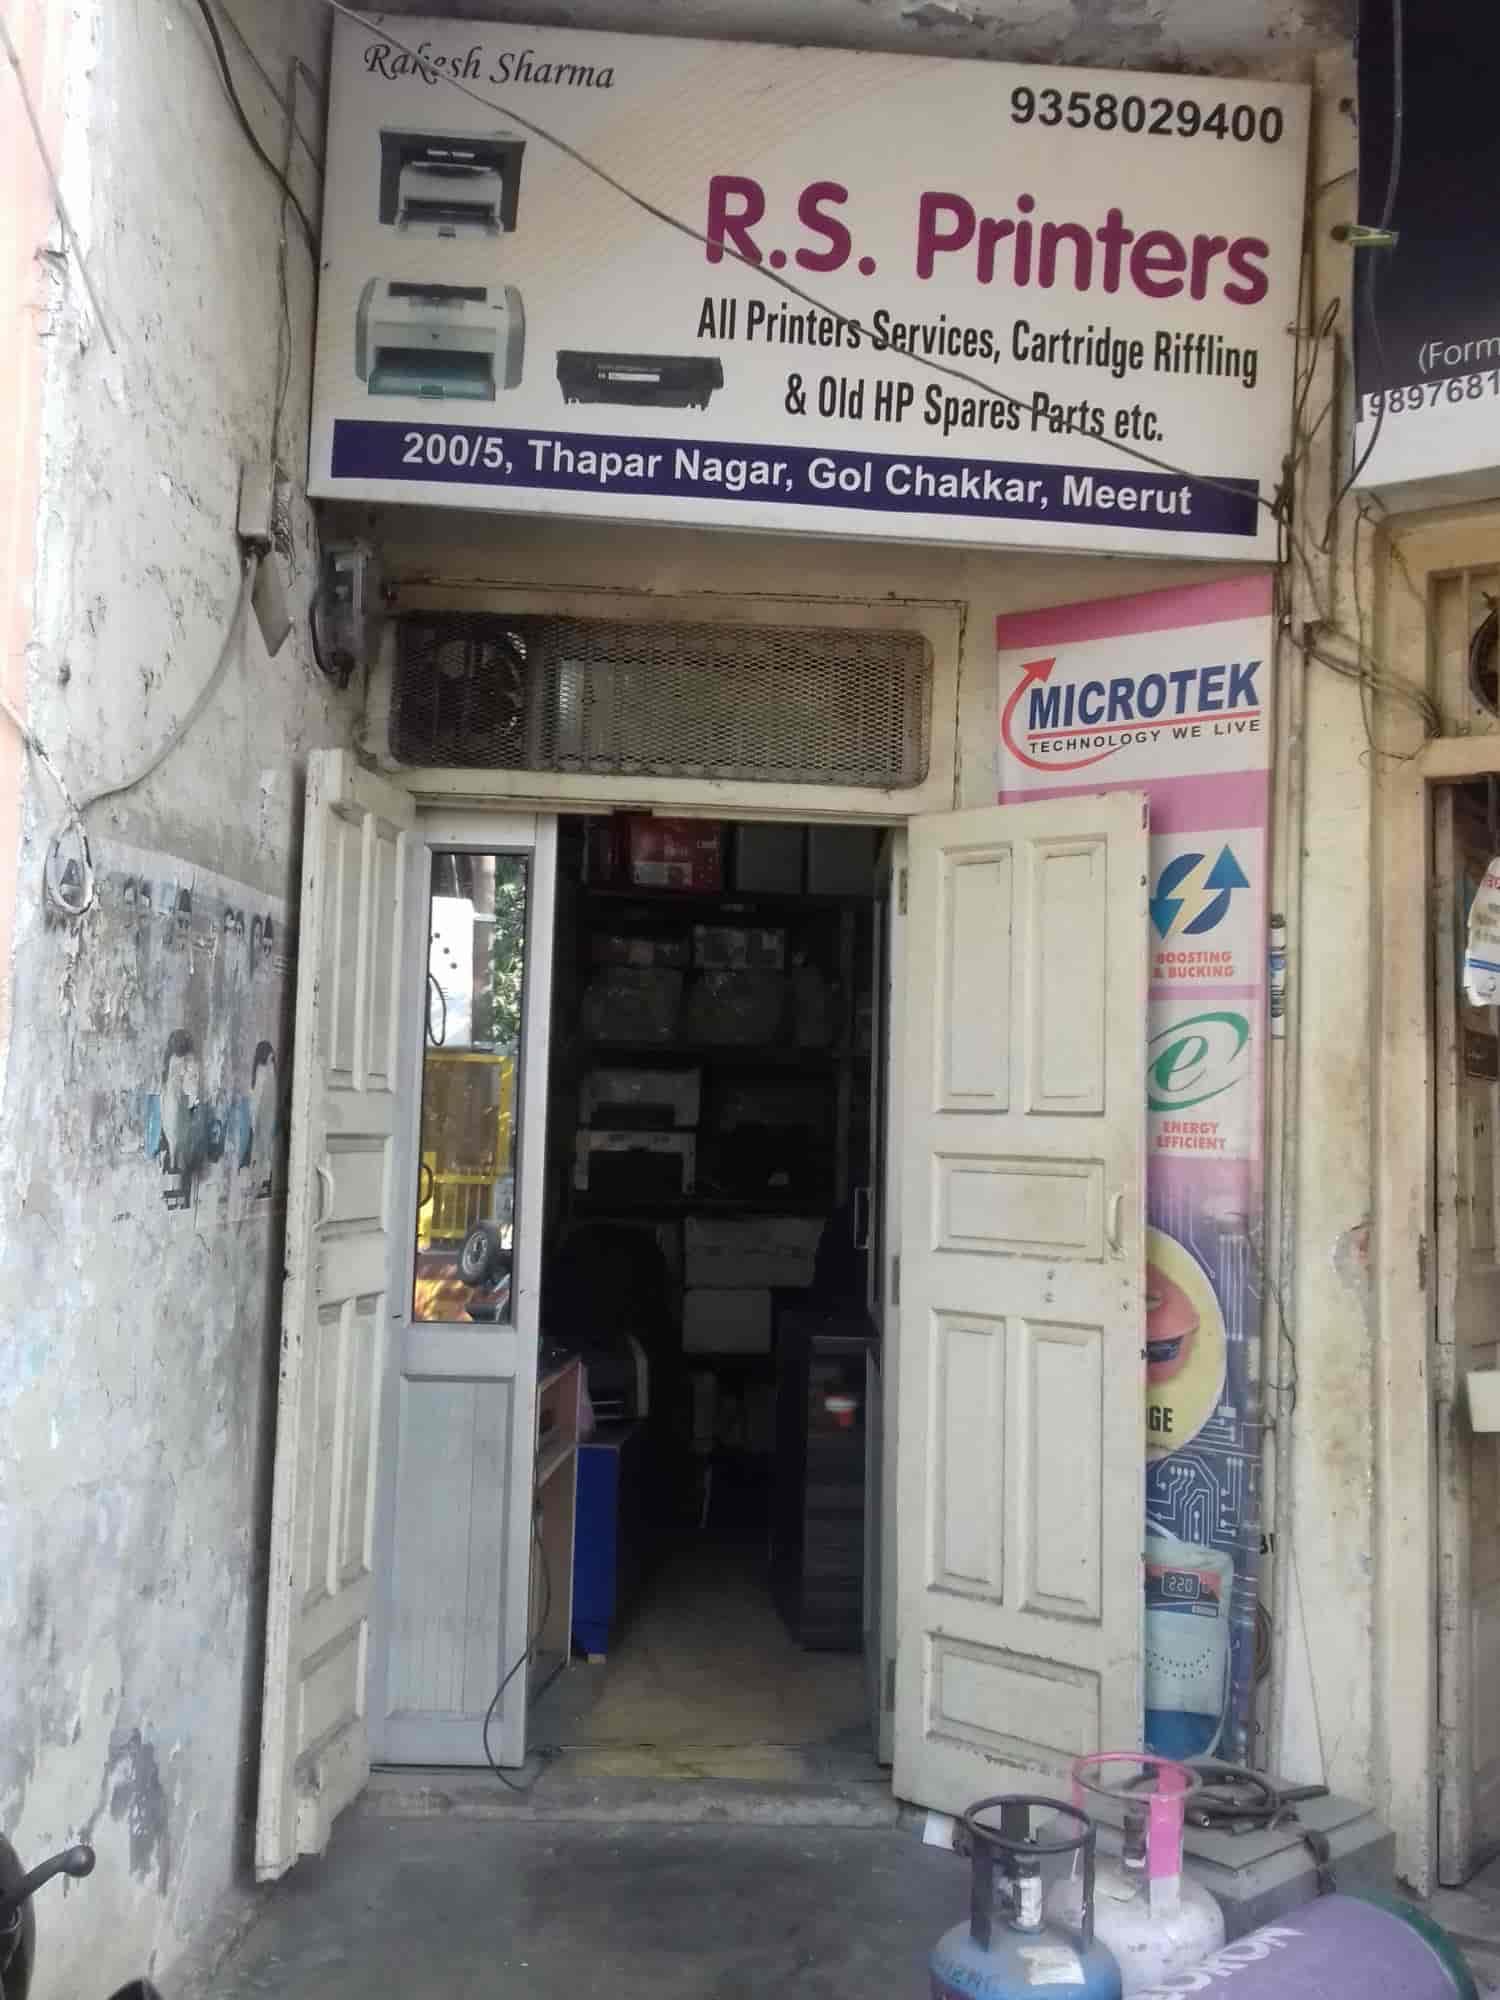 Rs Printers, Thapar Nagar - Laptop Dealers in Meerut - Justdial